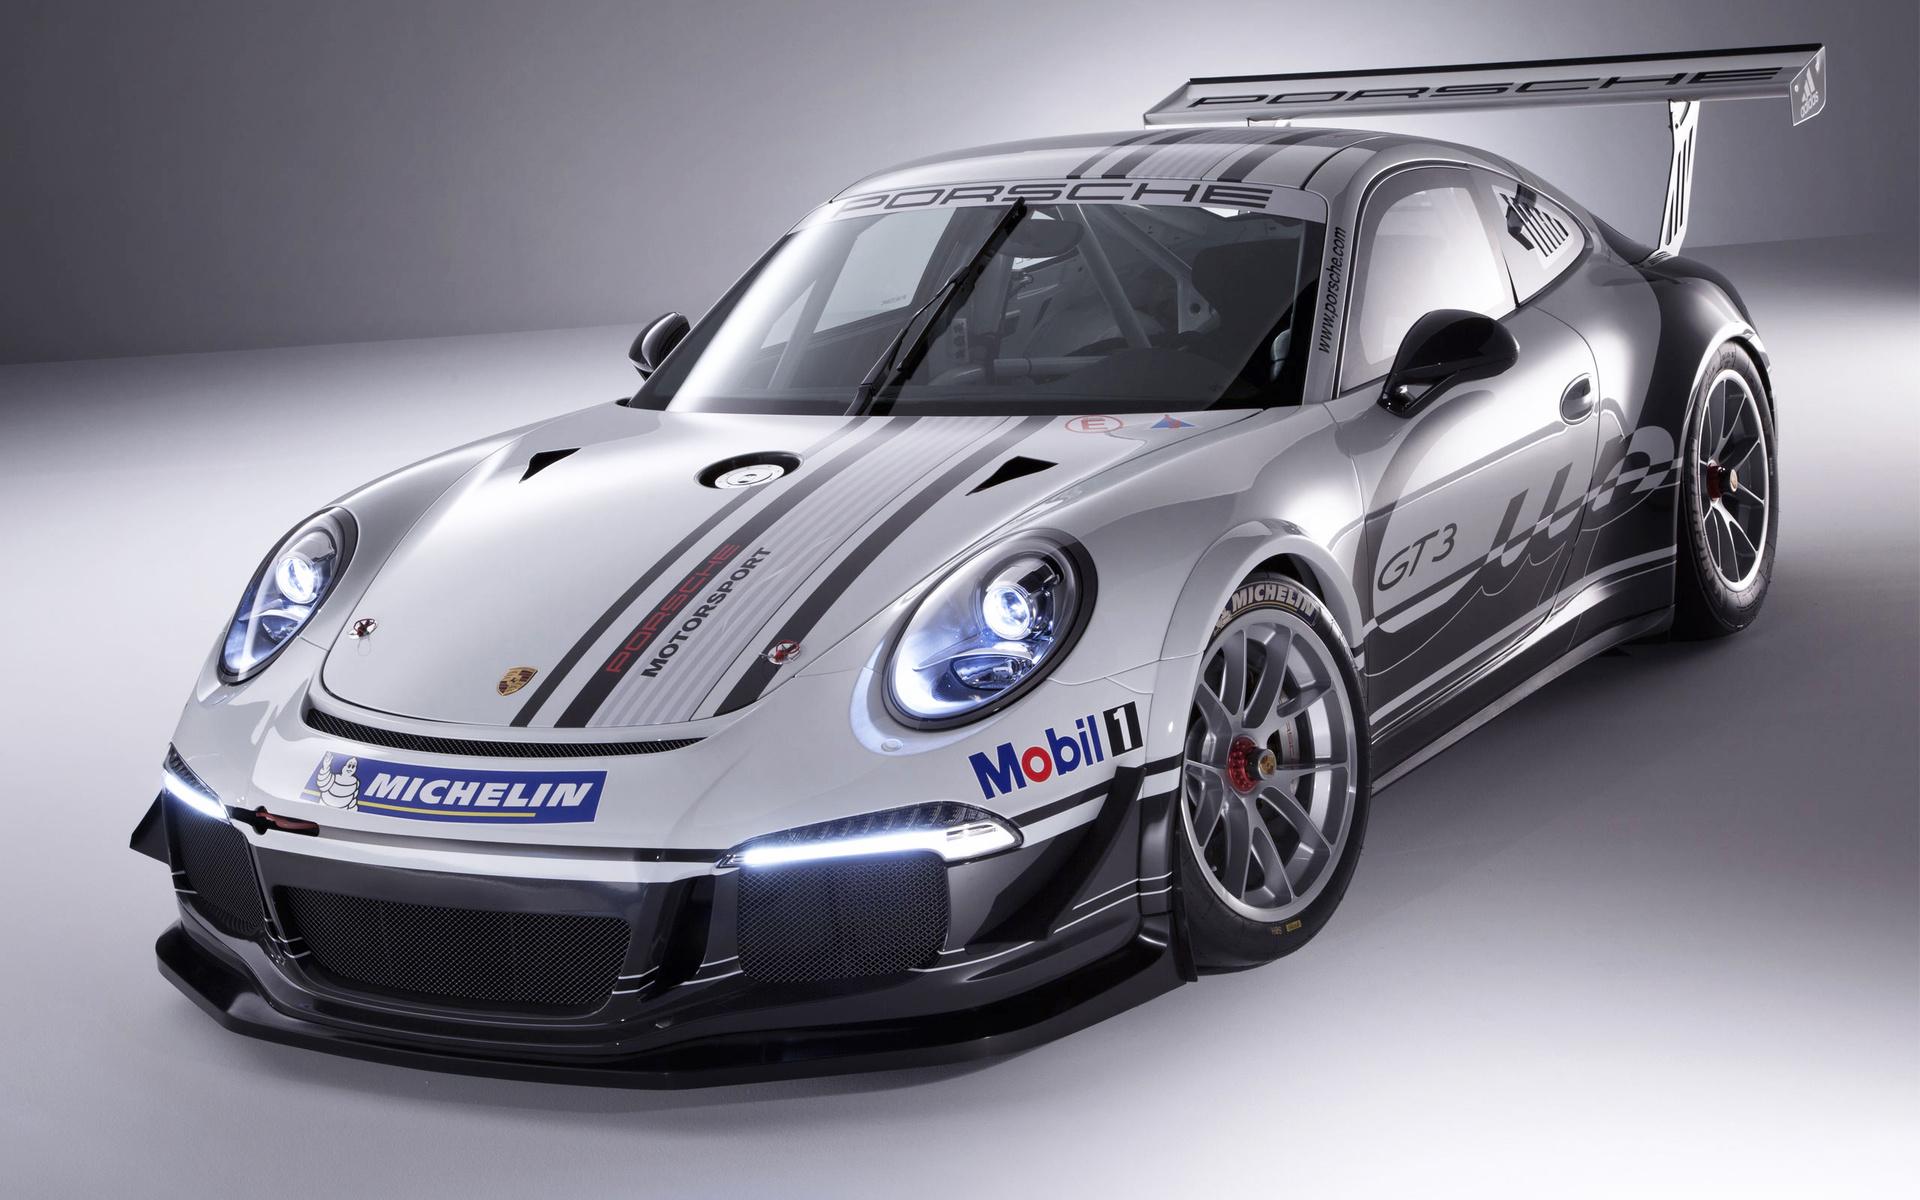 43400 скачать обои Транспорт, Машины, Порш (Porsche) - заставки и картинки бесплатно